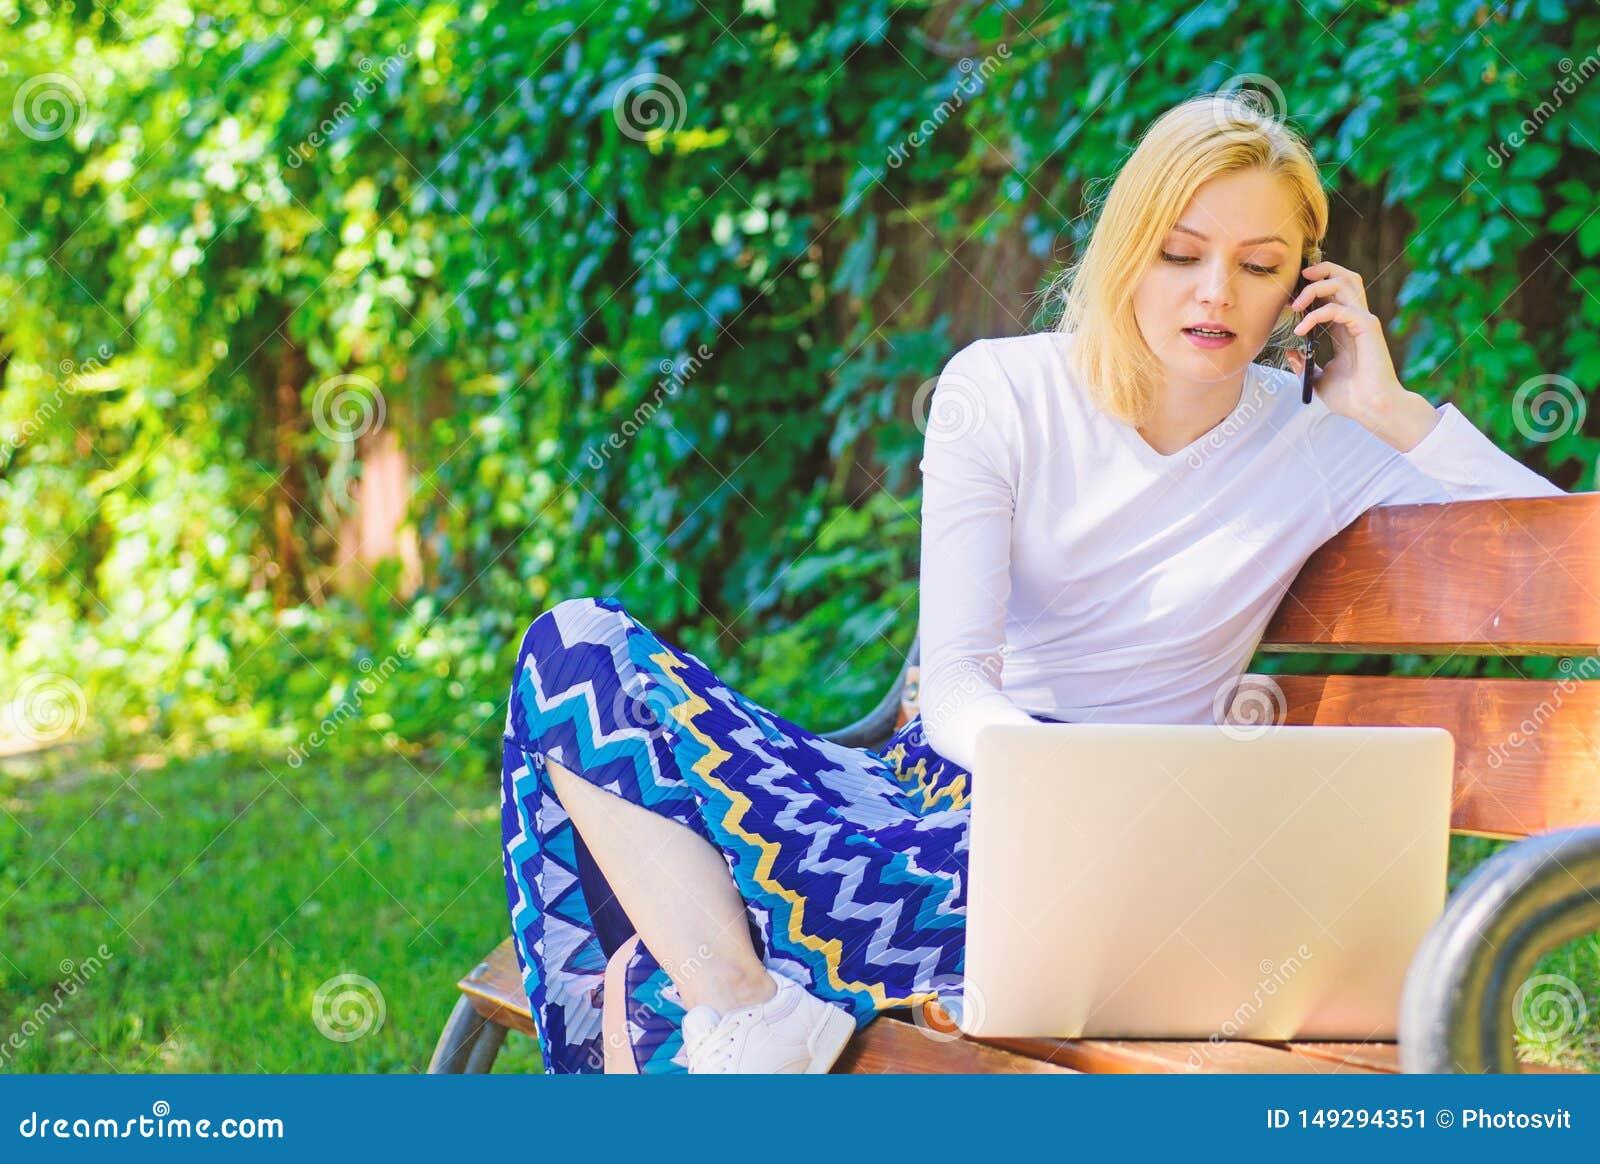 Женщина с ноутбуком работает на открытом воздухе зеленая предпосылка природы Удаленные работы просматривают верхние независимые у